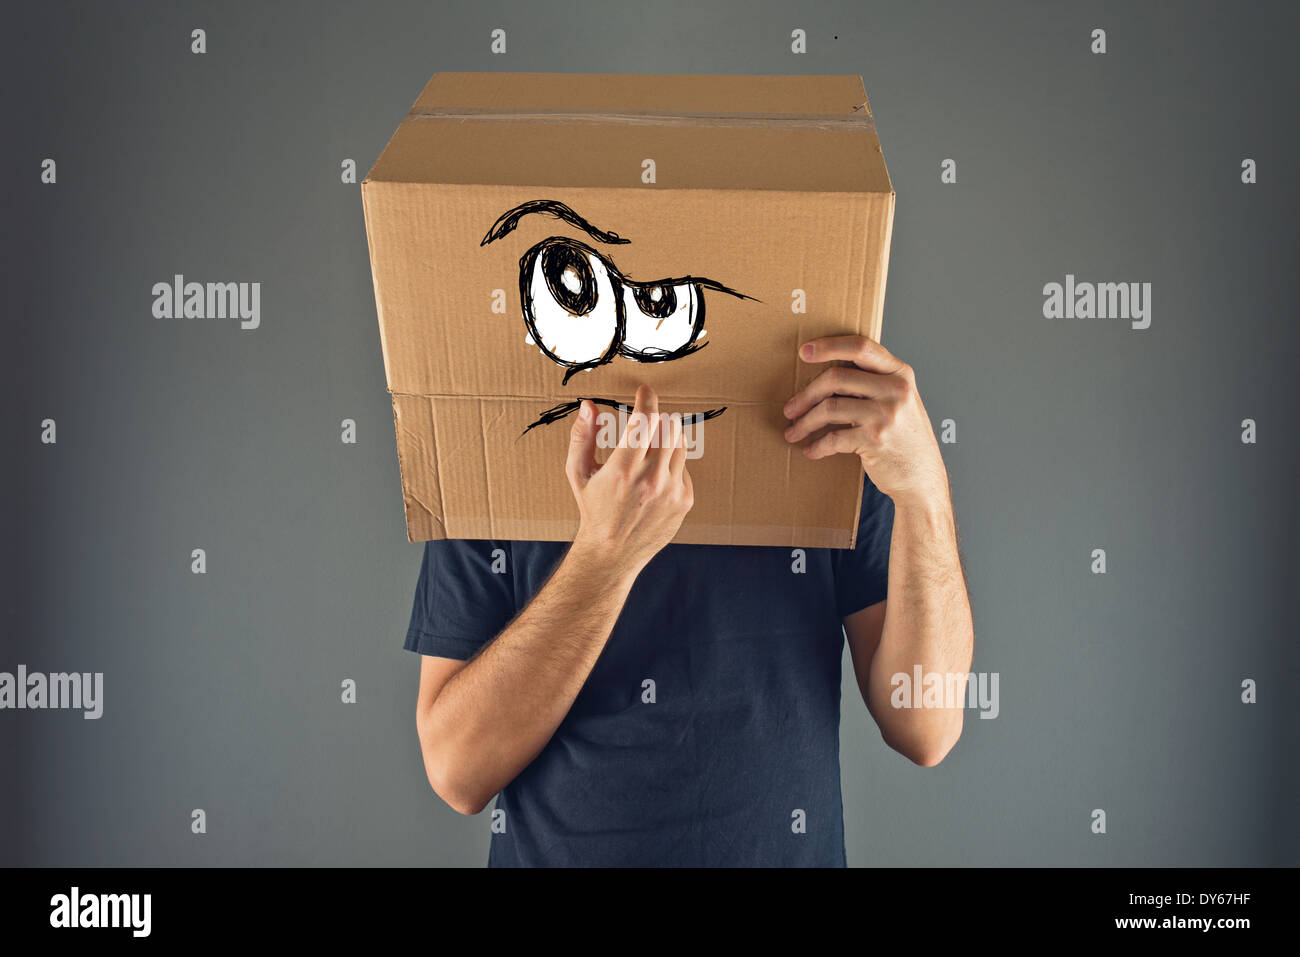 Mann mit Karton auf den Kopf mit ernsten Gesichtsausdruck zu denken. Stockbild